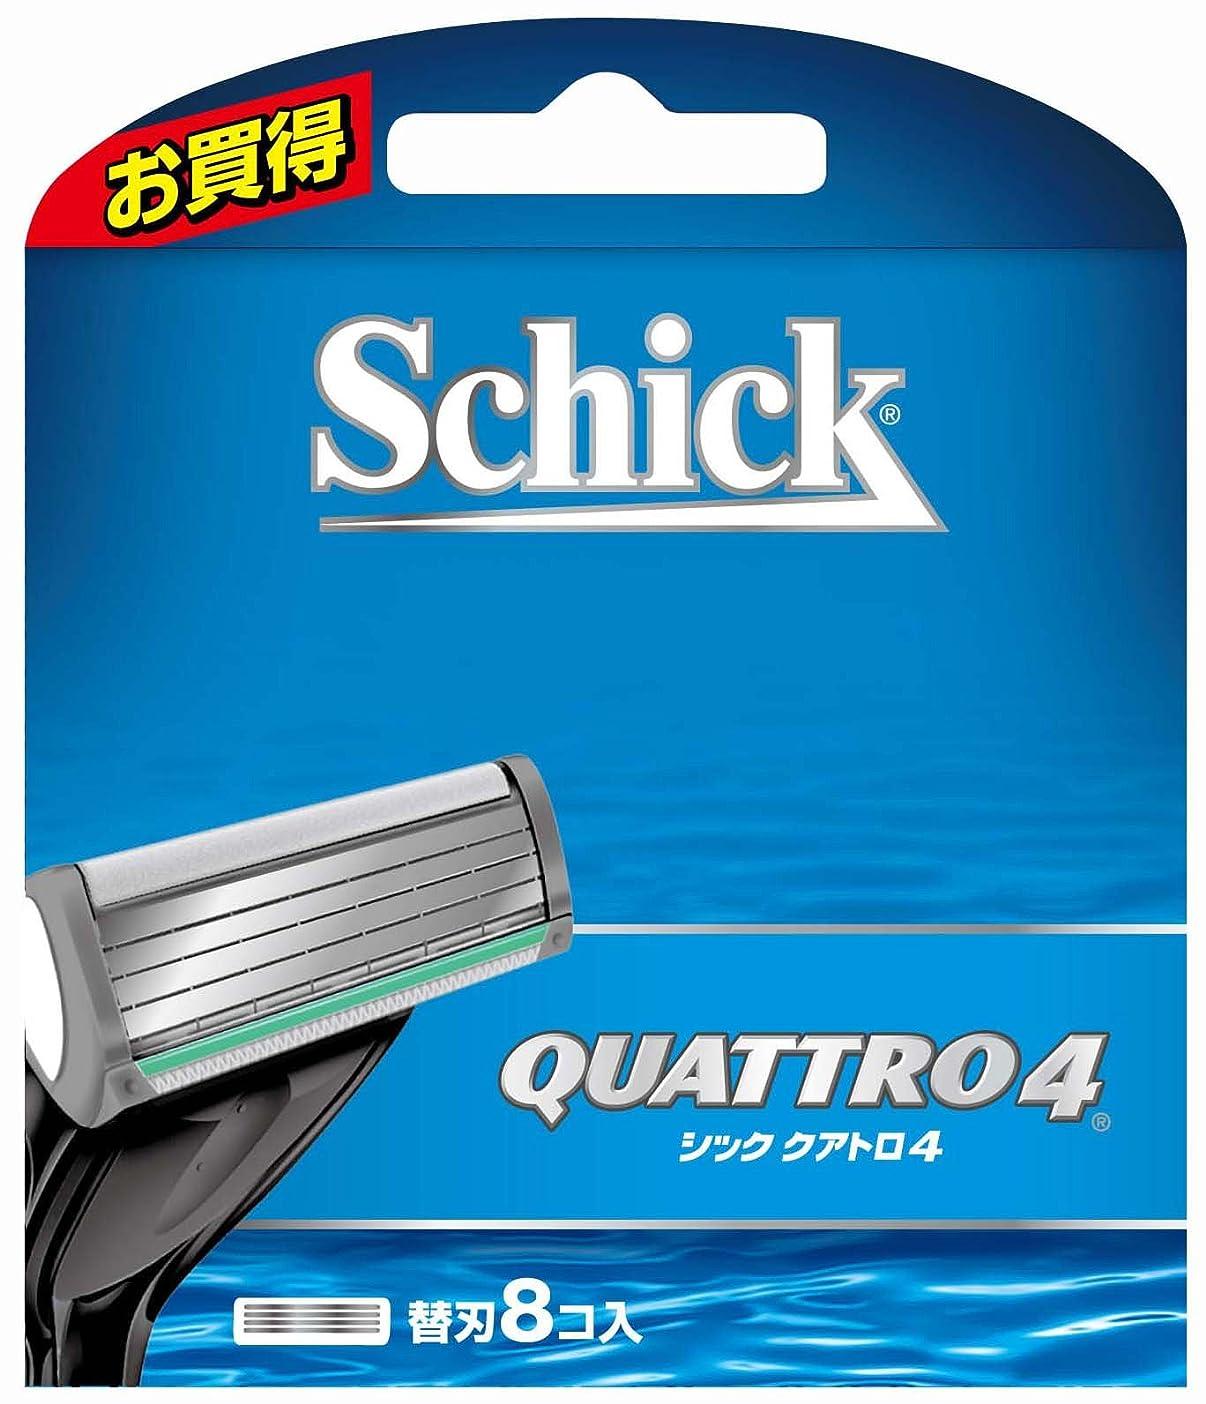 サイドボード癒すグラディスシック クアトロ4 替刃(8コ入)